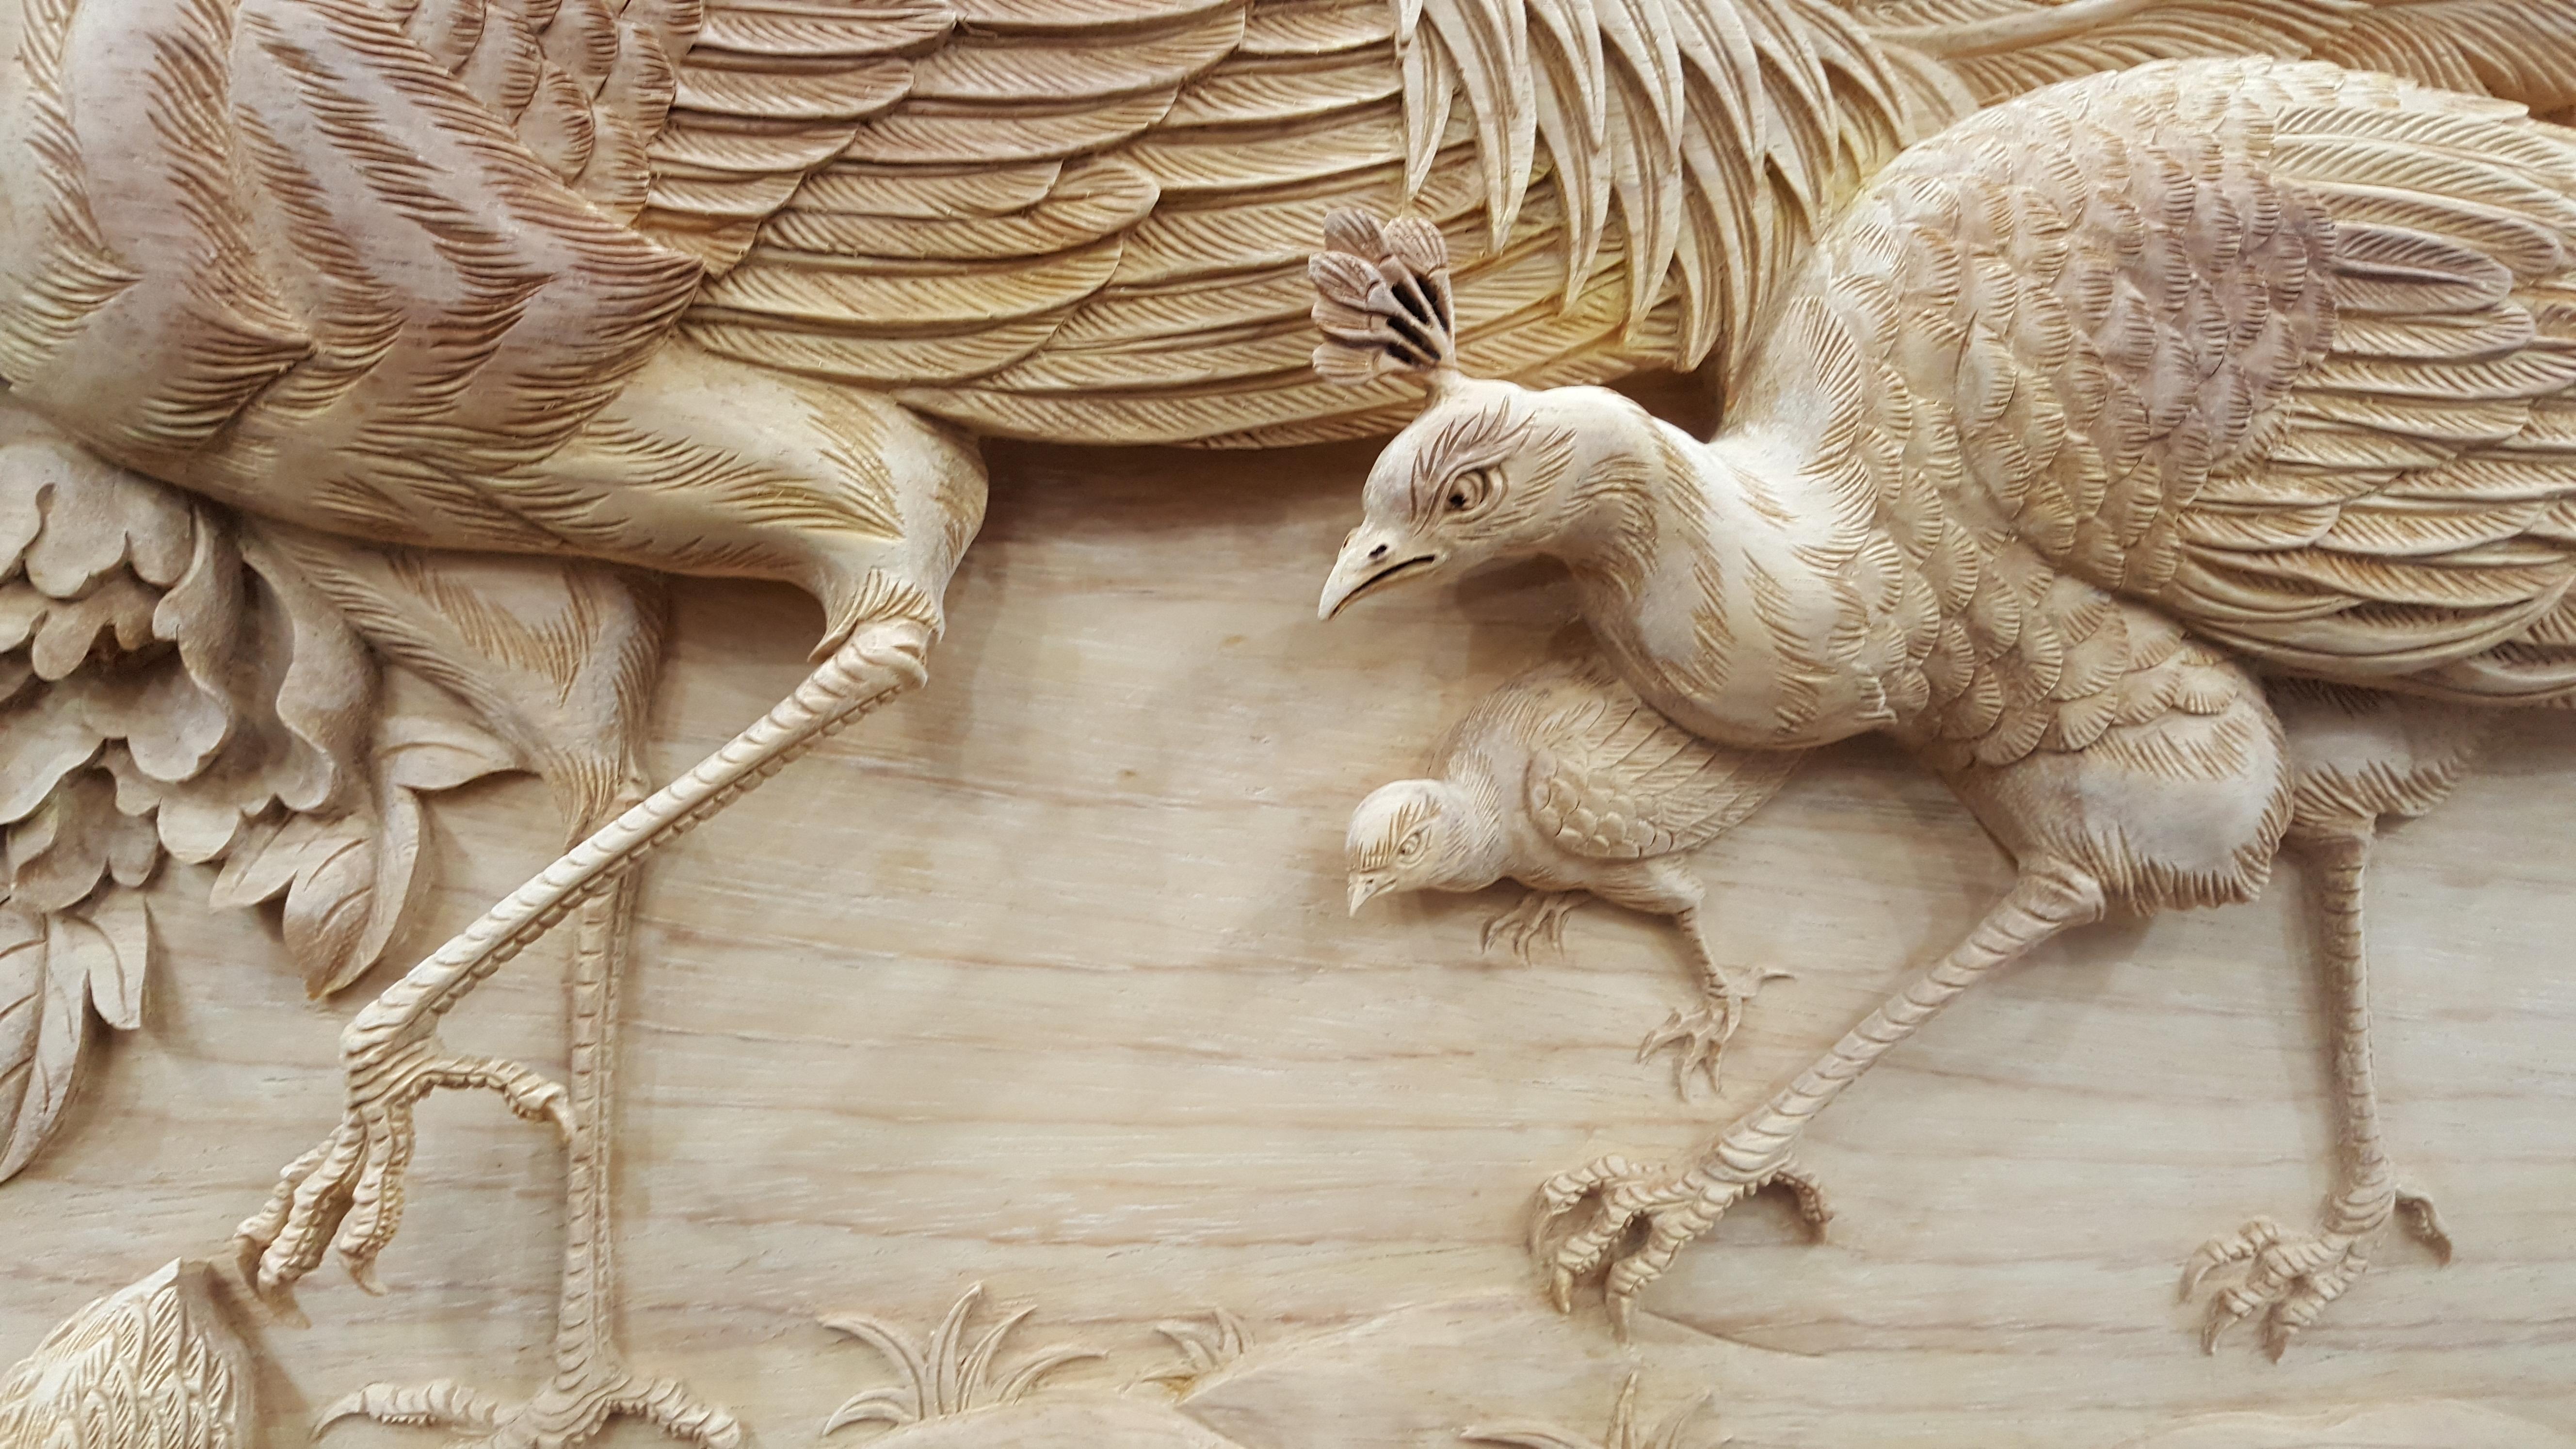 Tranh gỗ Chim Công Hoa Mẫu Đơn